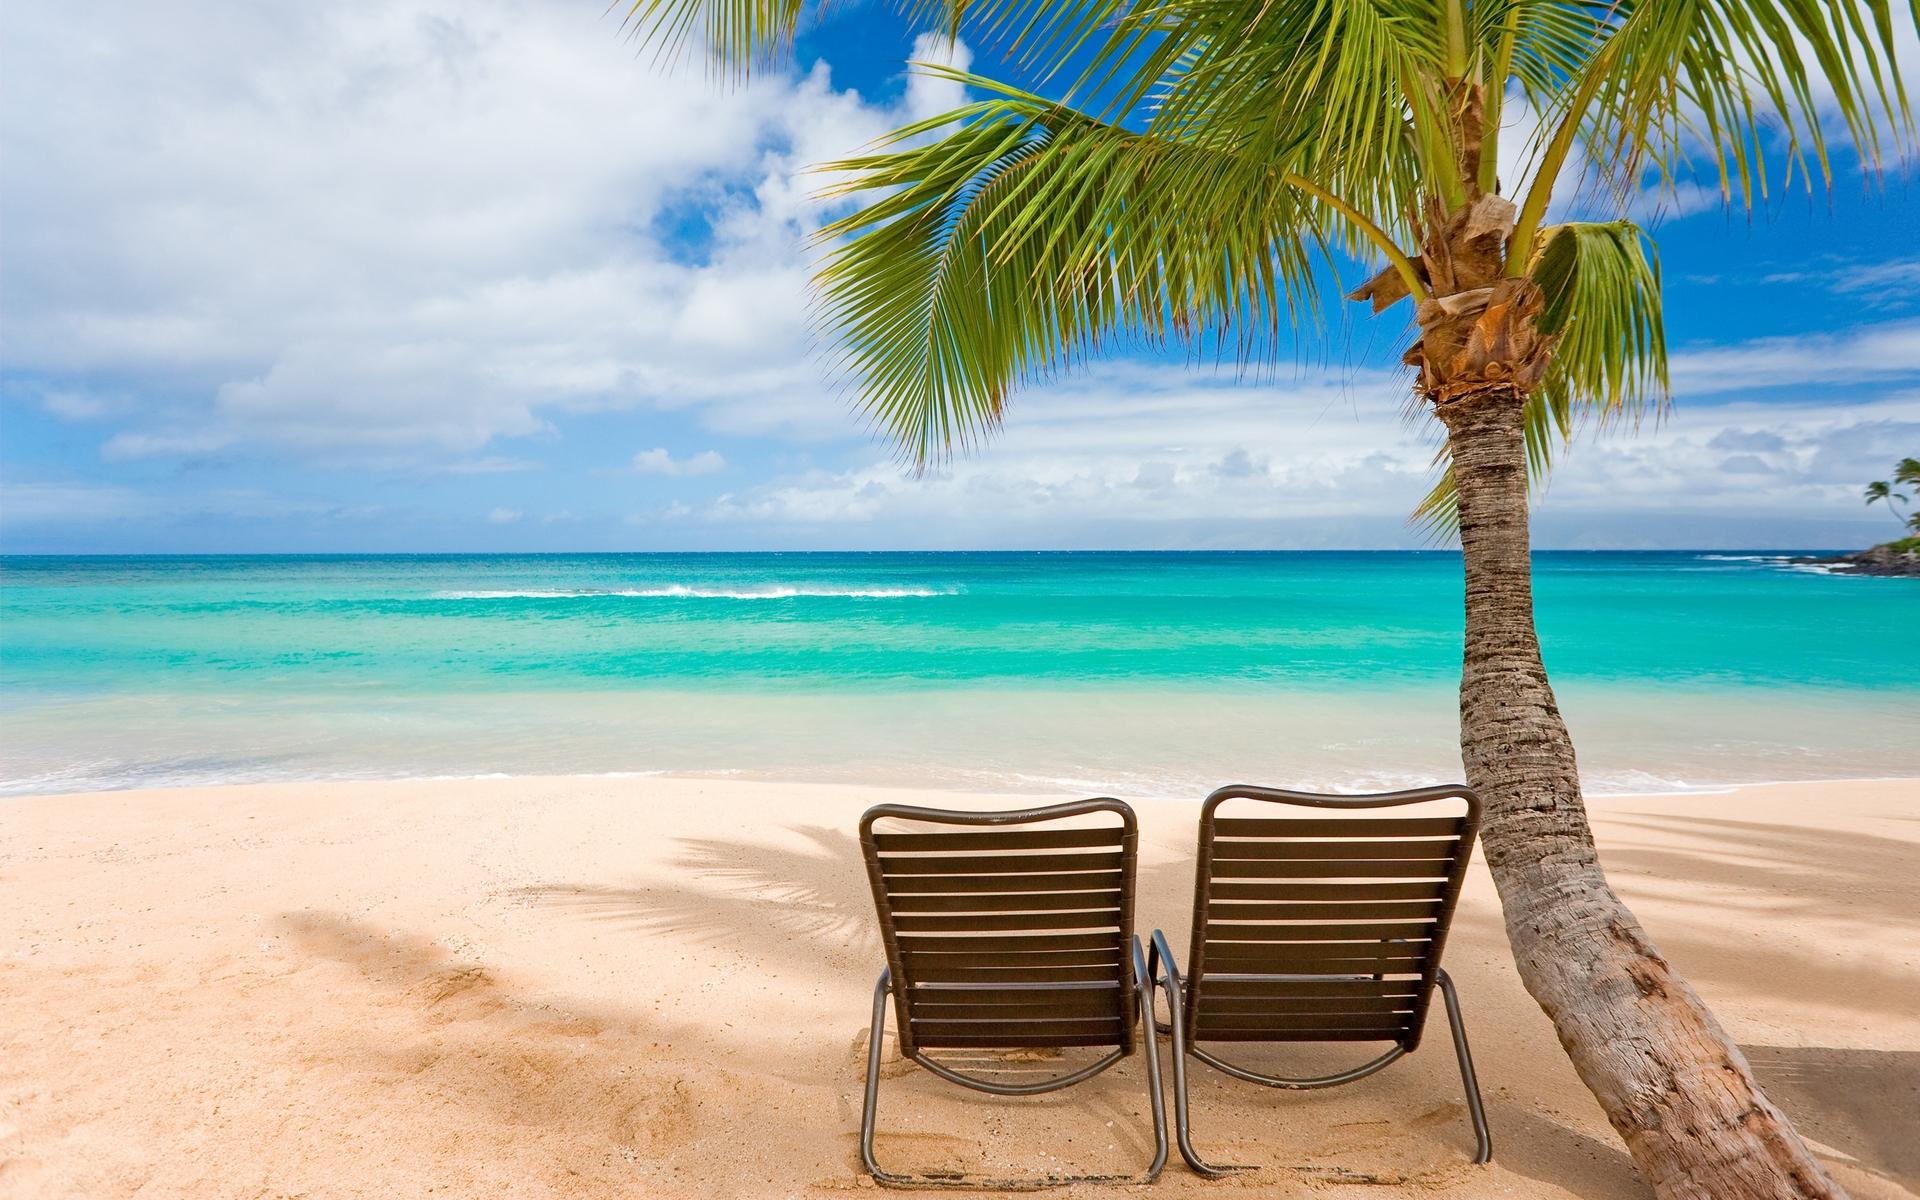 Hawaii Beaches Wallpaper For Desktop